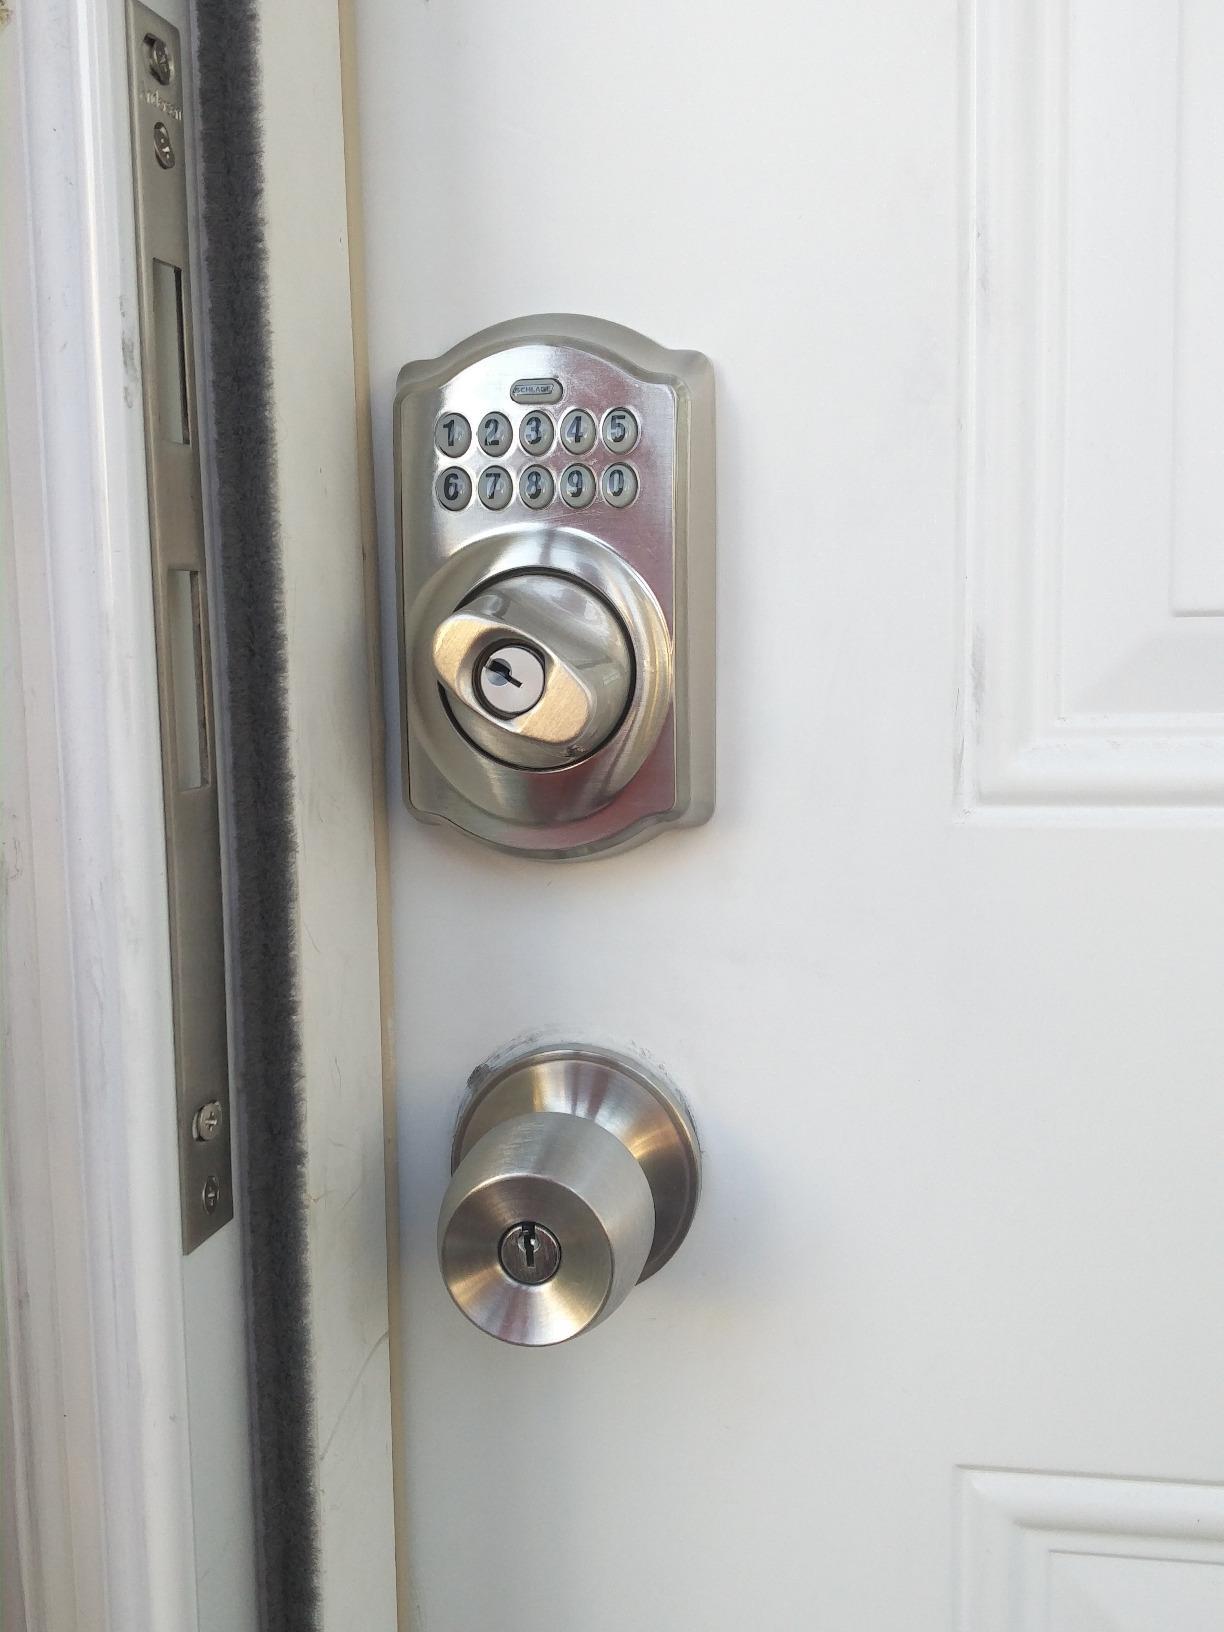 Schlage Camelot Keypad Deadbolt Front Door